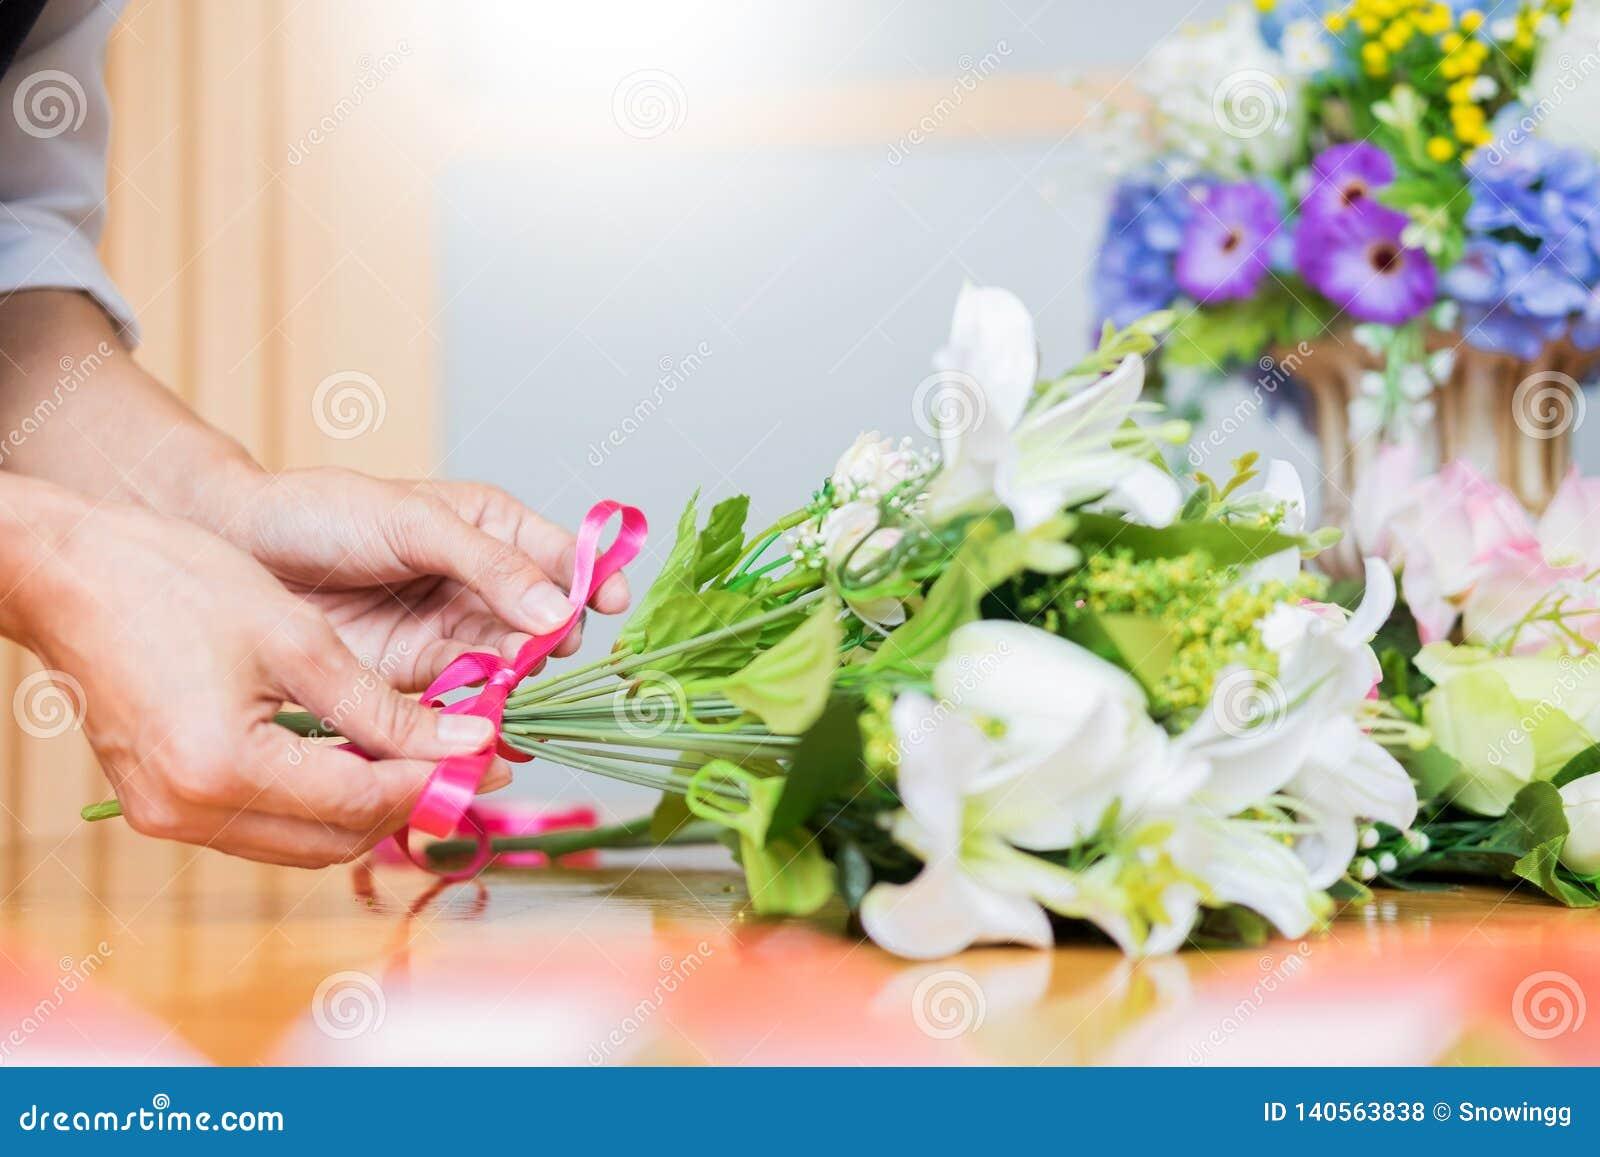 Женский флорист на работе используя аранжировать делая красивый искусственный жилет букета на цветочном магазине, деле, продаже и